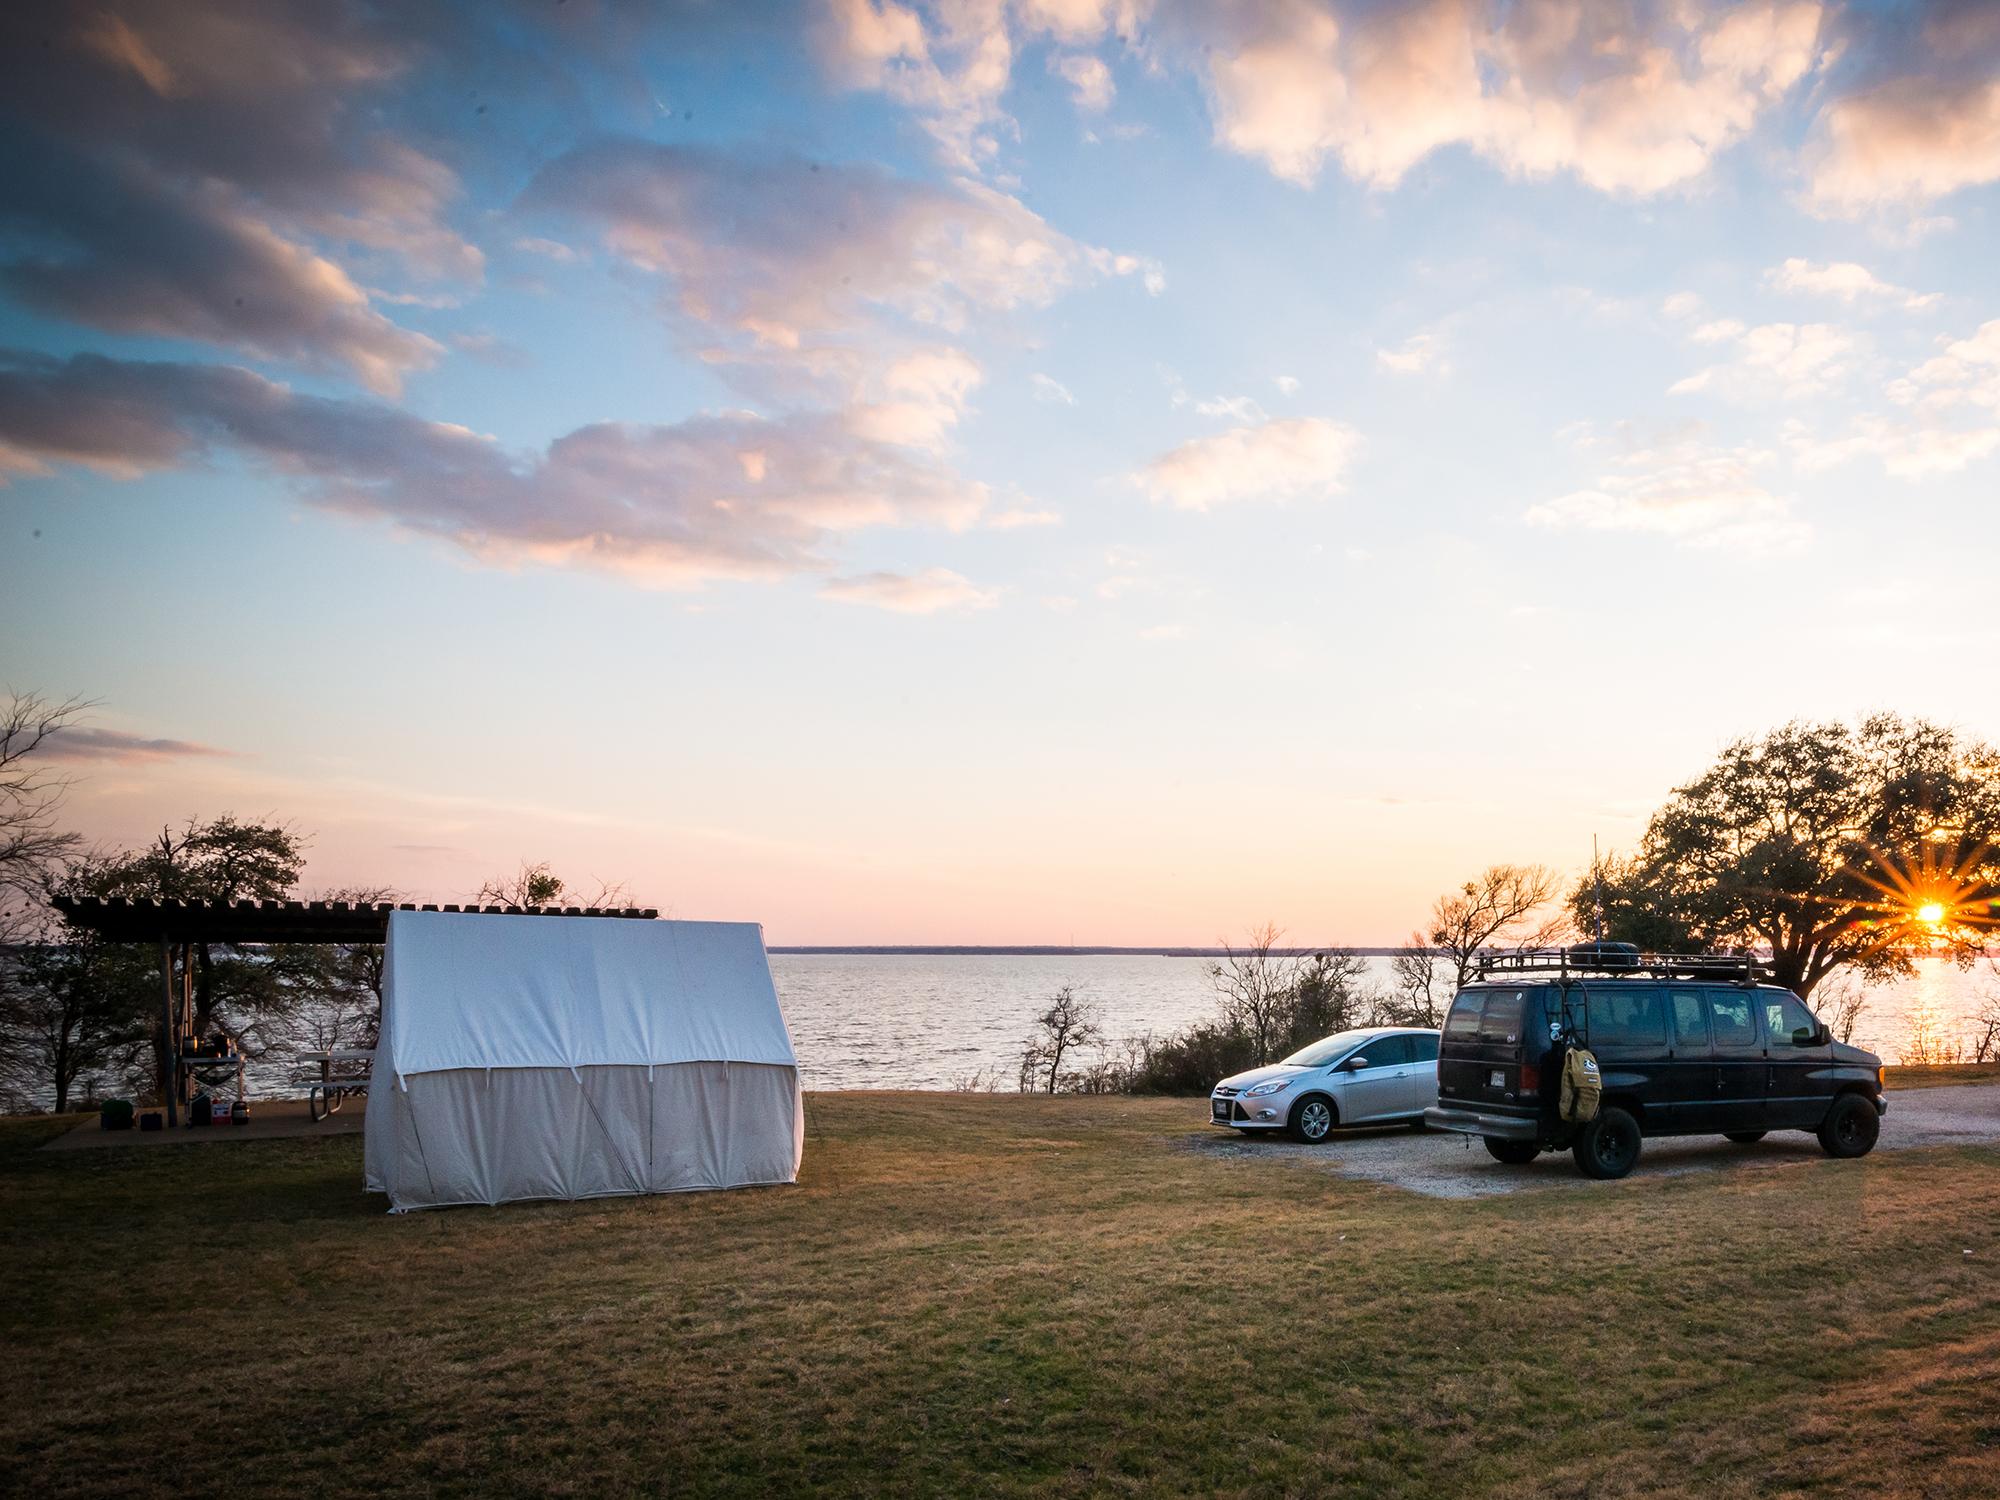 camp_lake_van_dave_lund_21